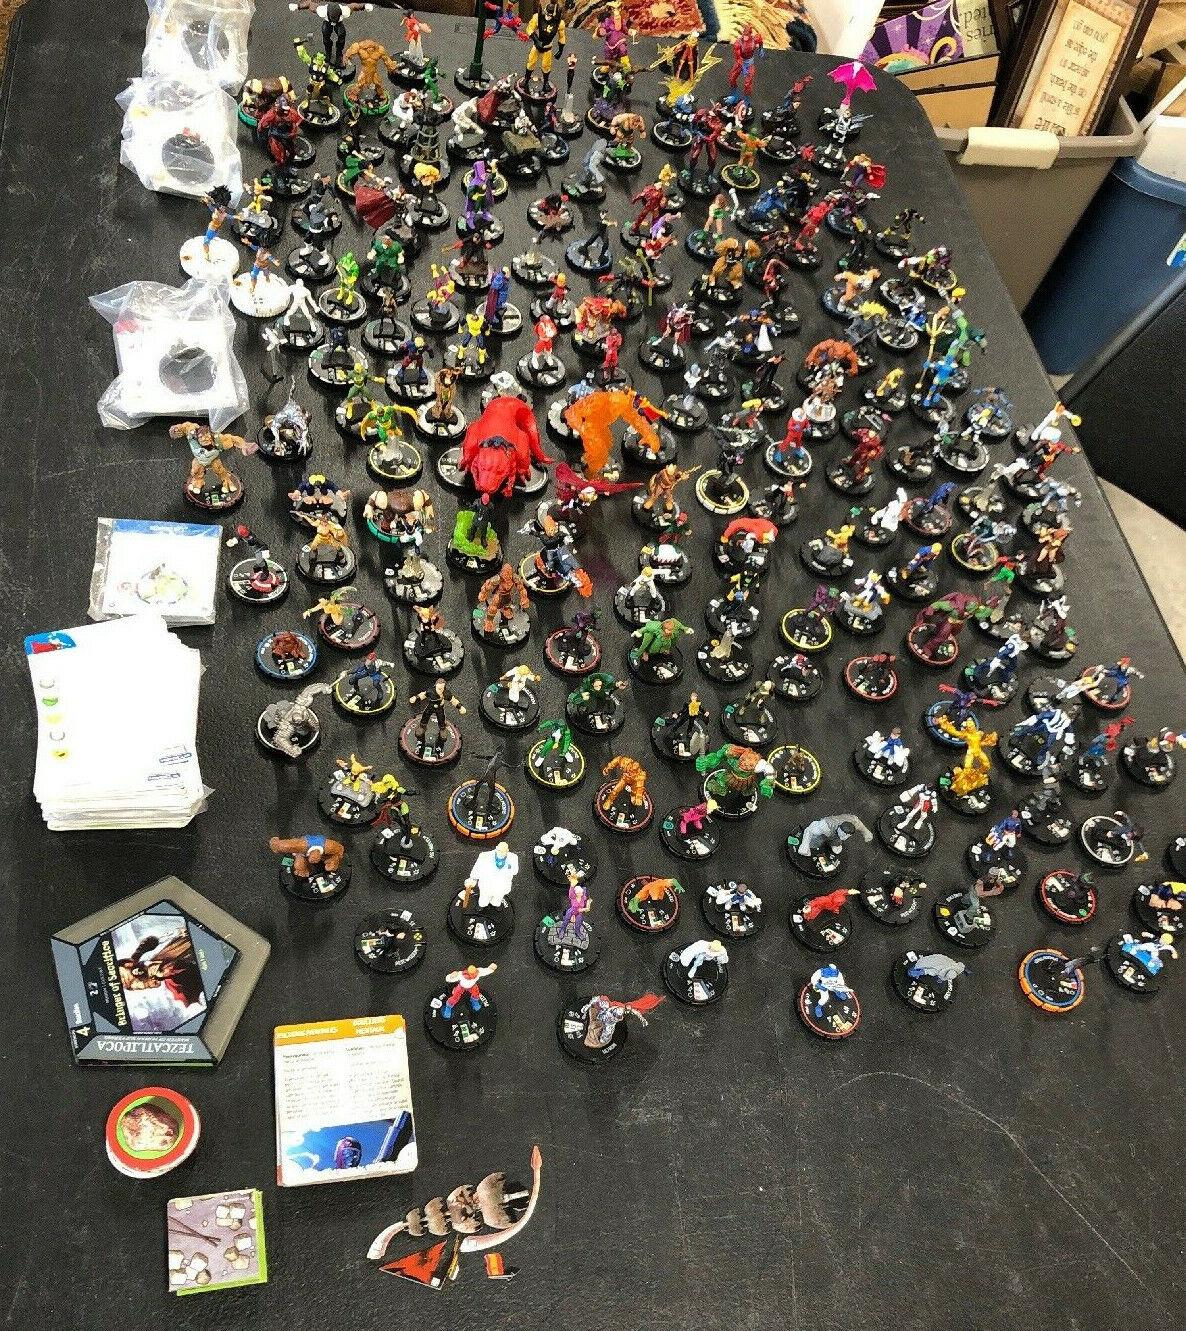 Gran Lote De 200+ Heroclix Surtidos Mezcla de todos los caracteres con tarjetas, gamepieces